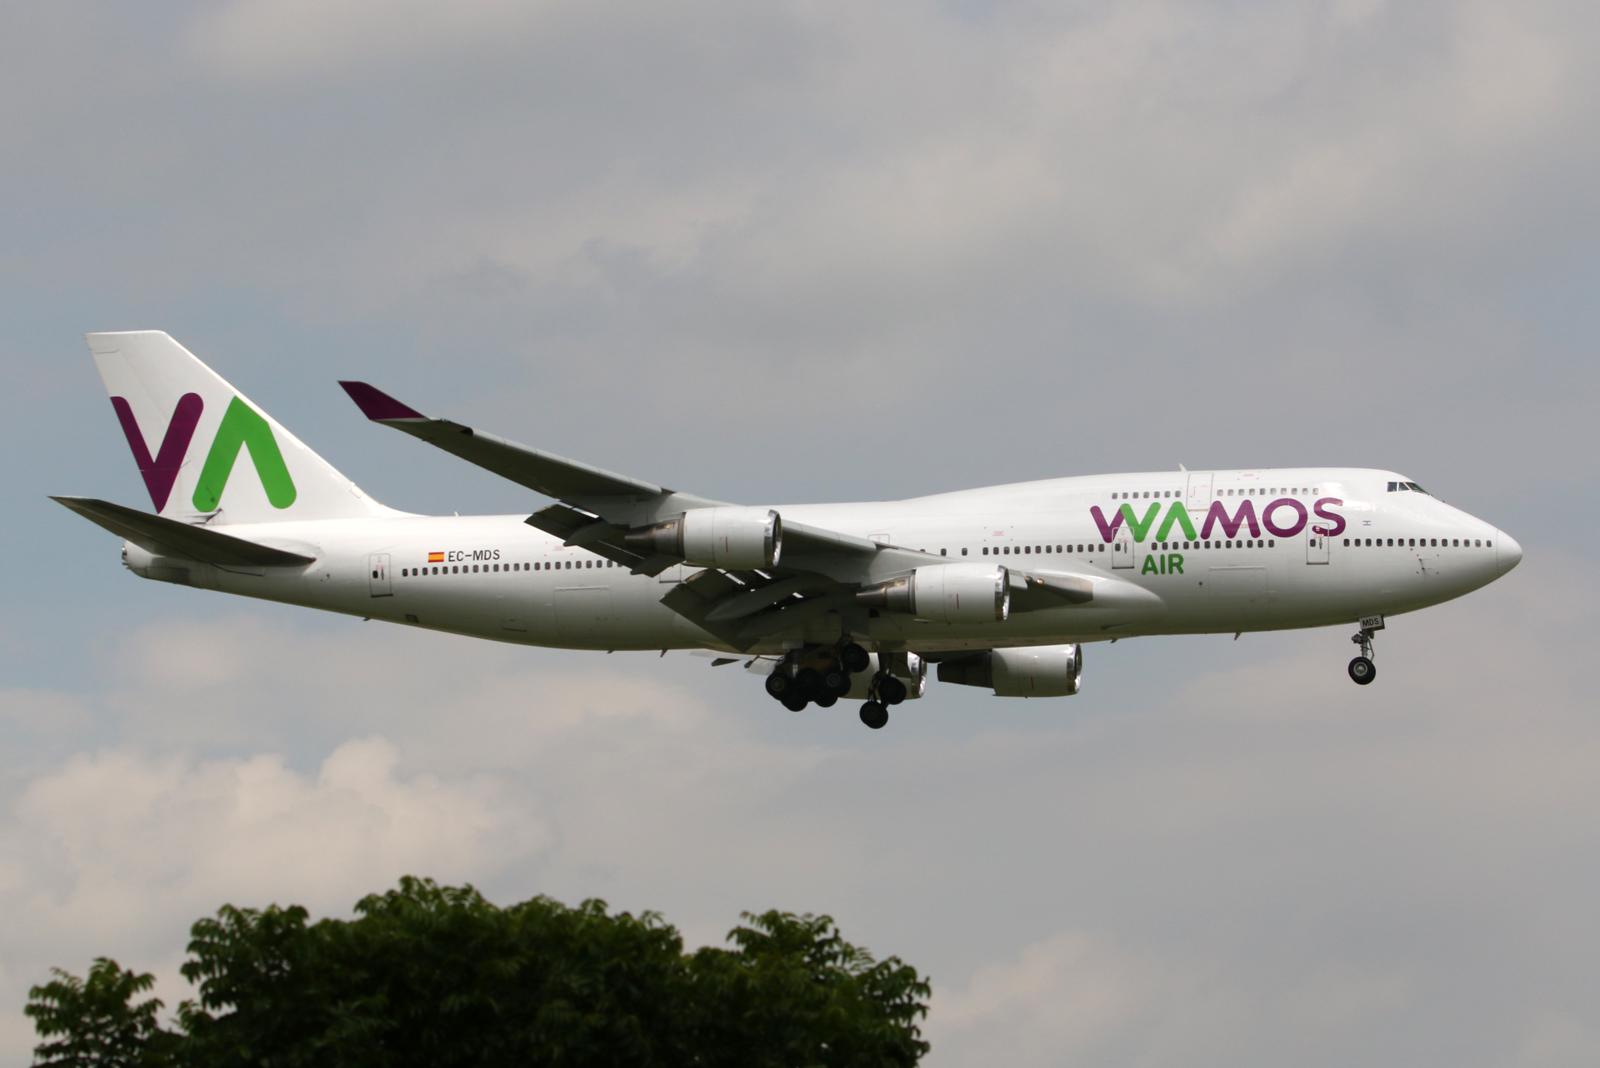 ワモス・エア|Wamos Air